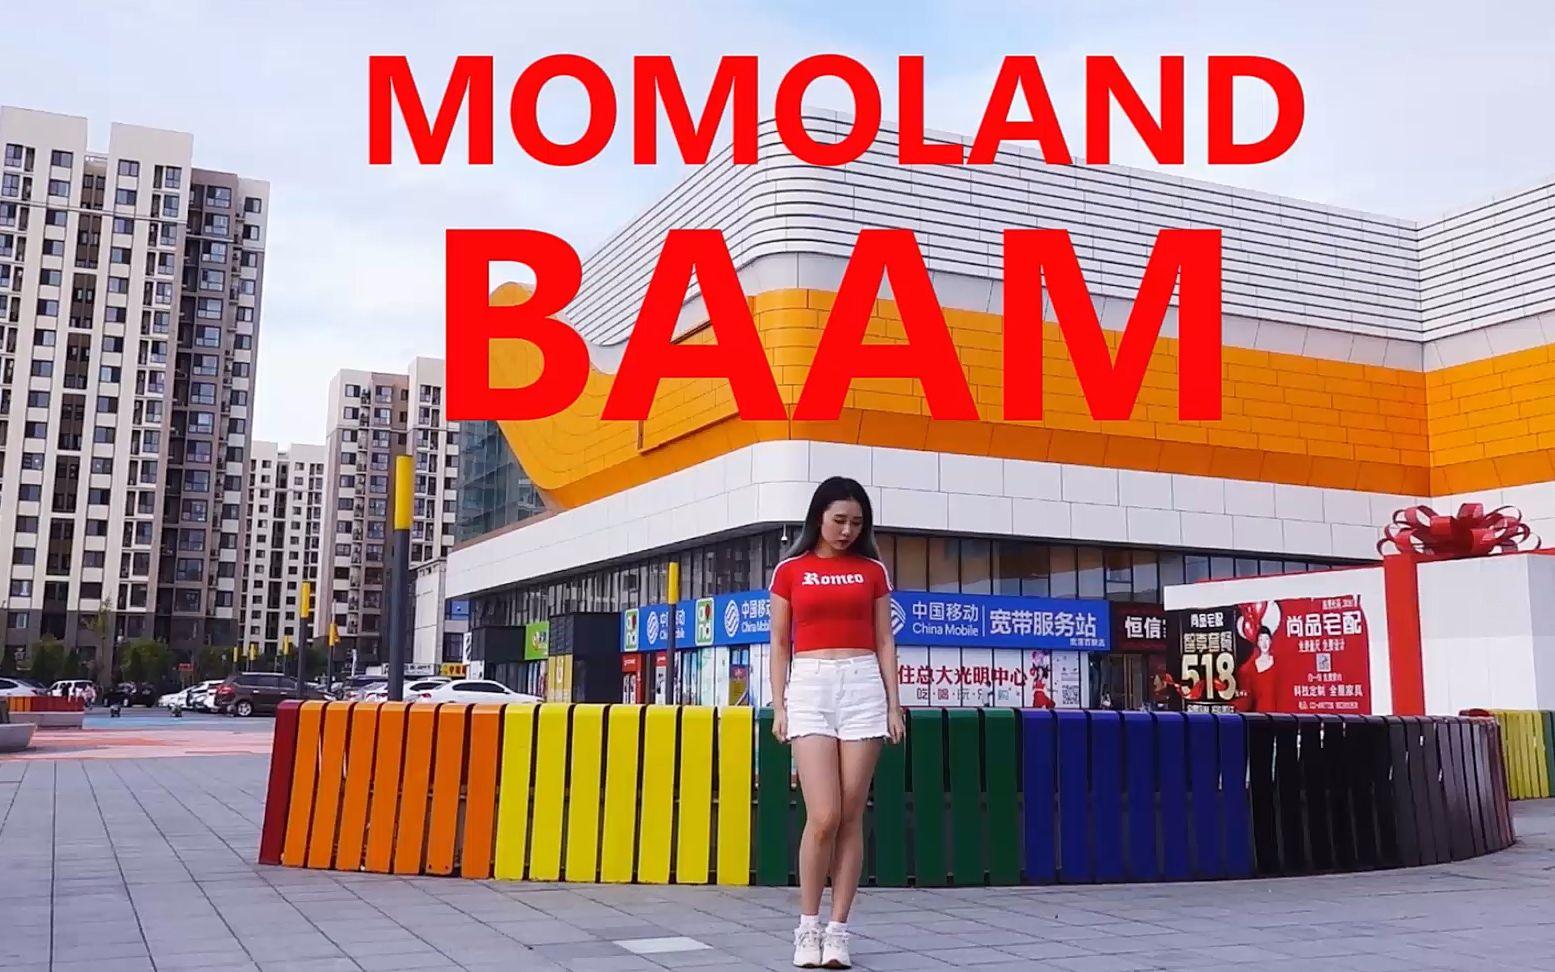 【饼儿】MOMOLAND-BAAM dance cover 三伏天蹦个养生迪【脚下即是舞台】